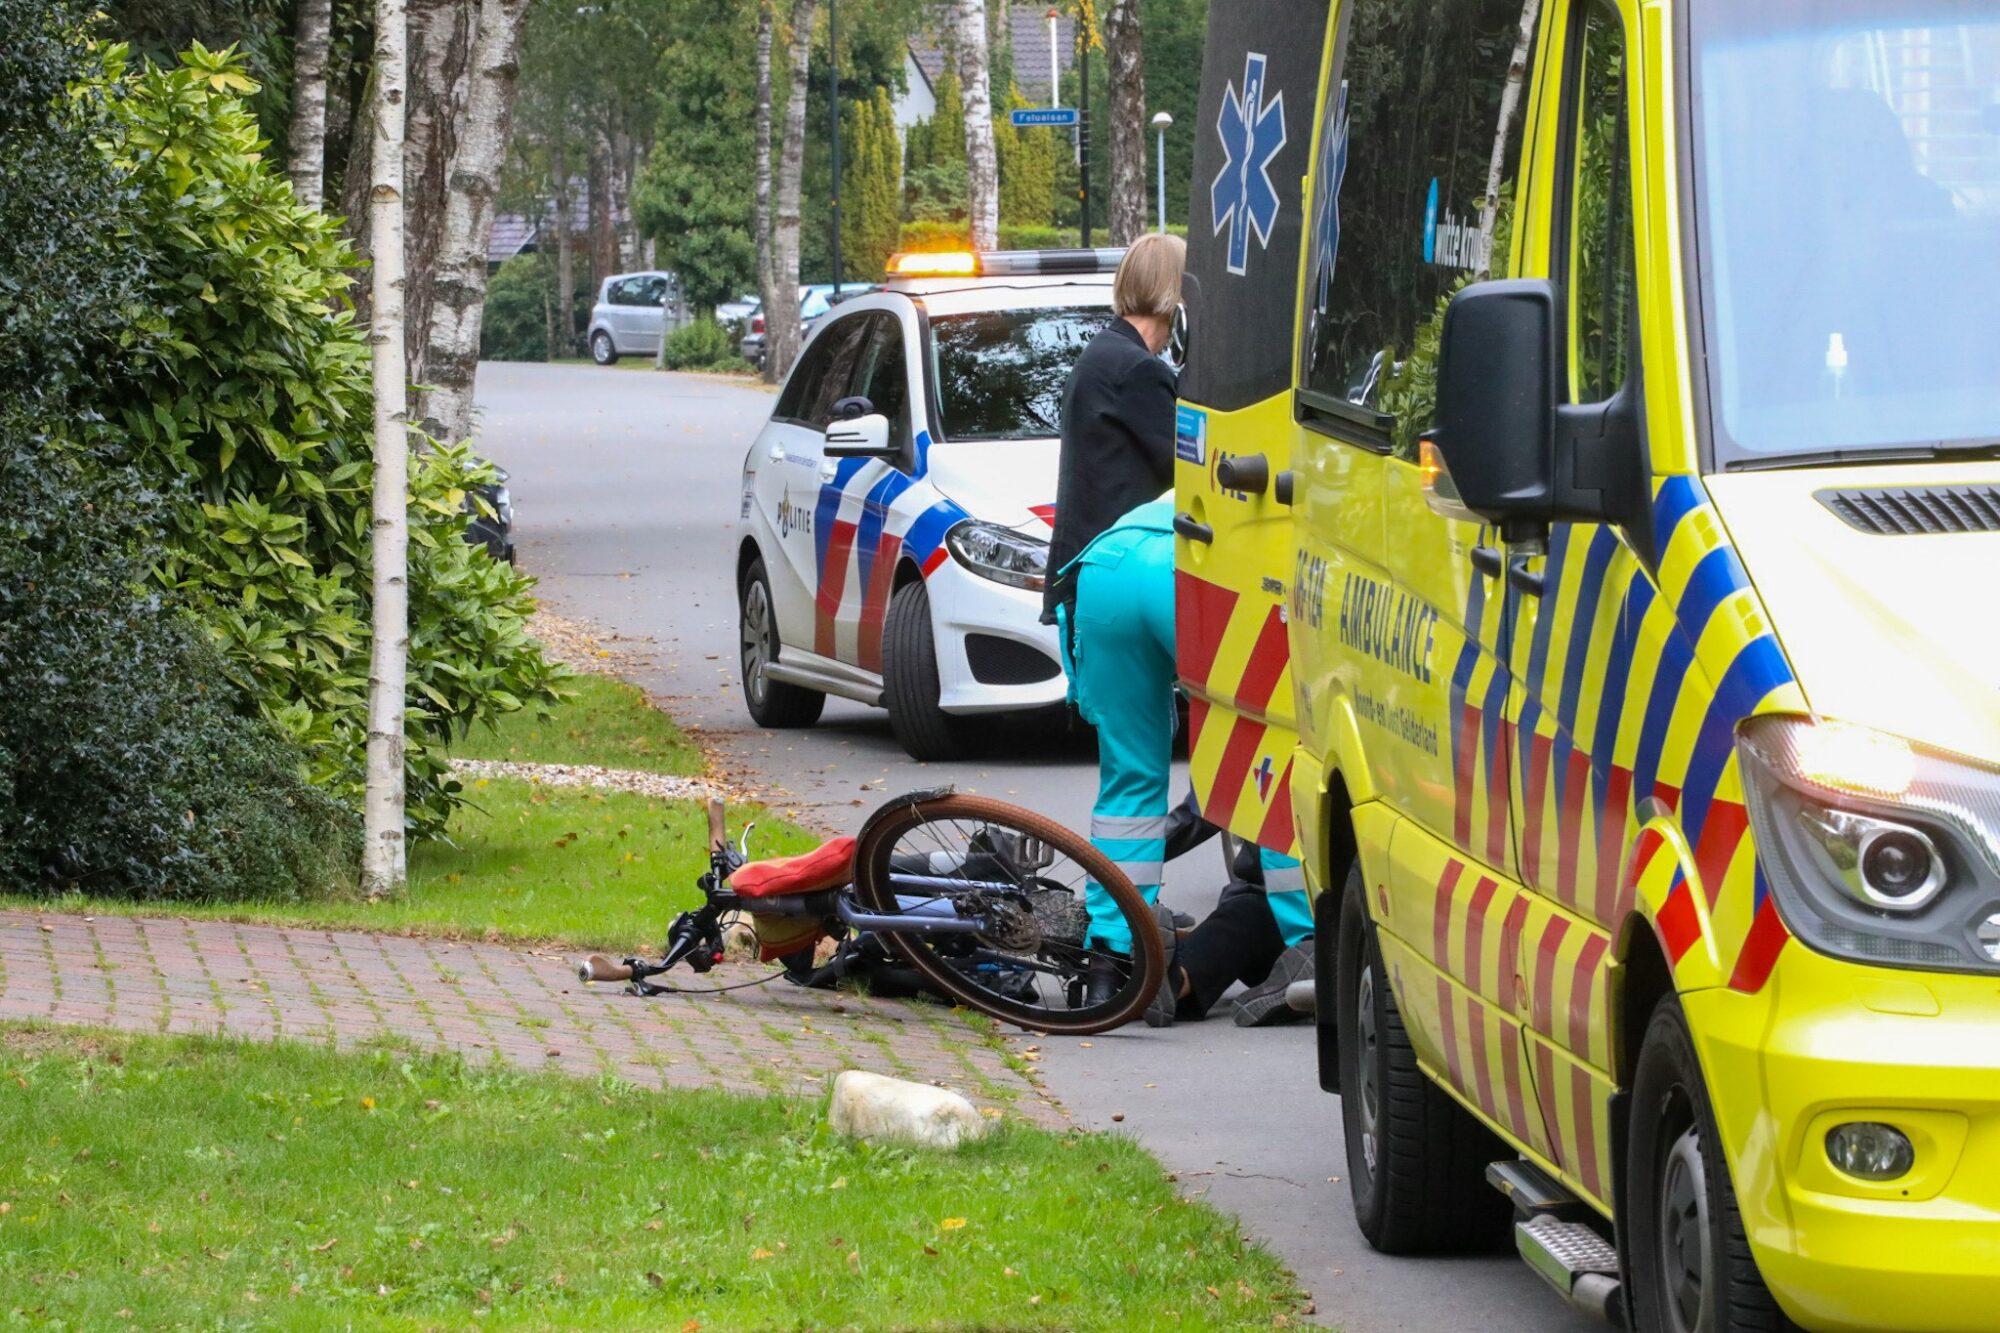 Vrouw gewond na flinke klapper in Apeldoorn